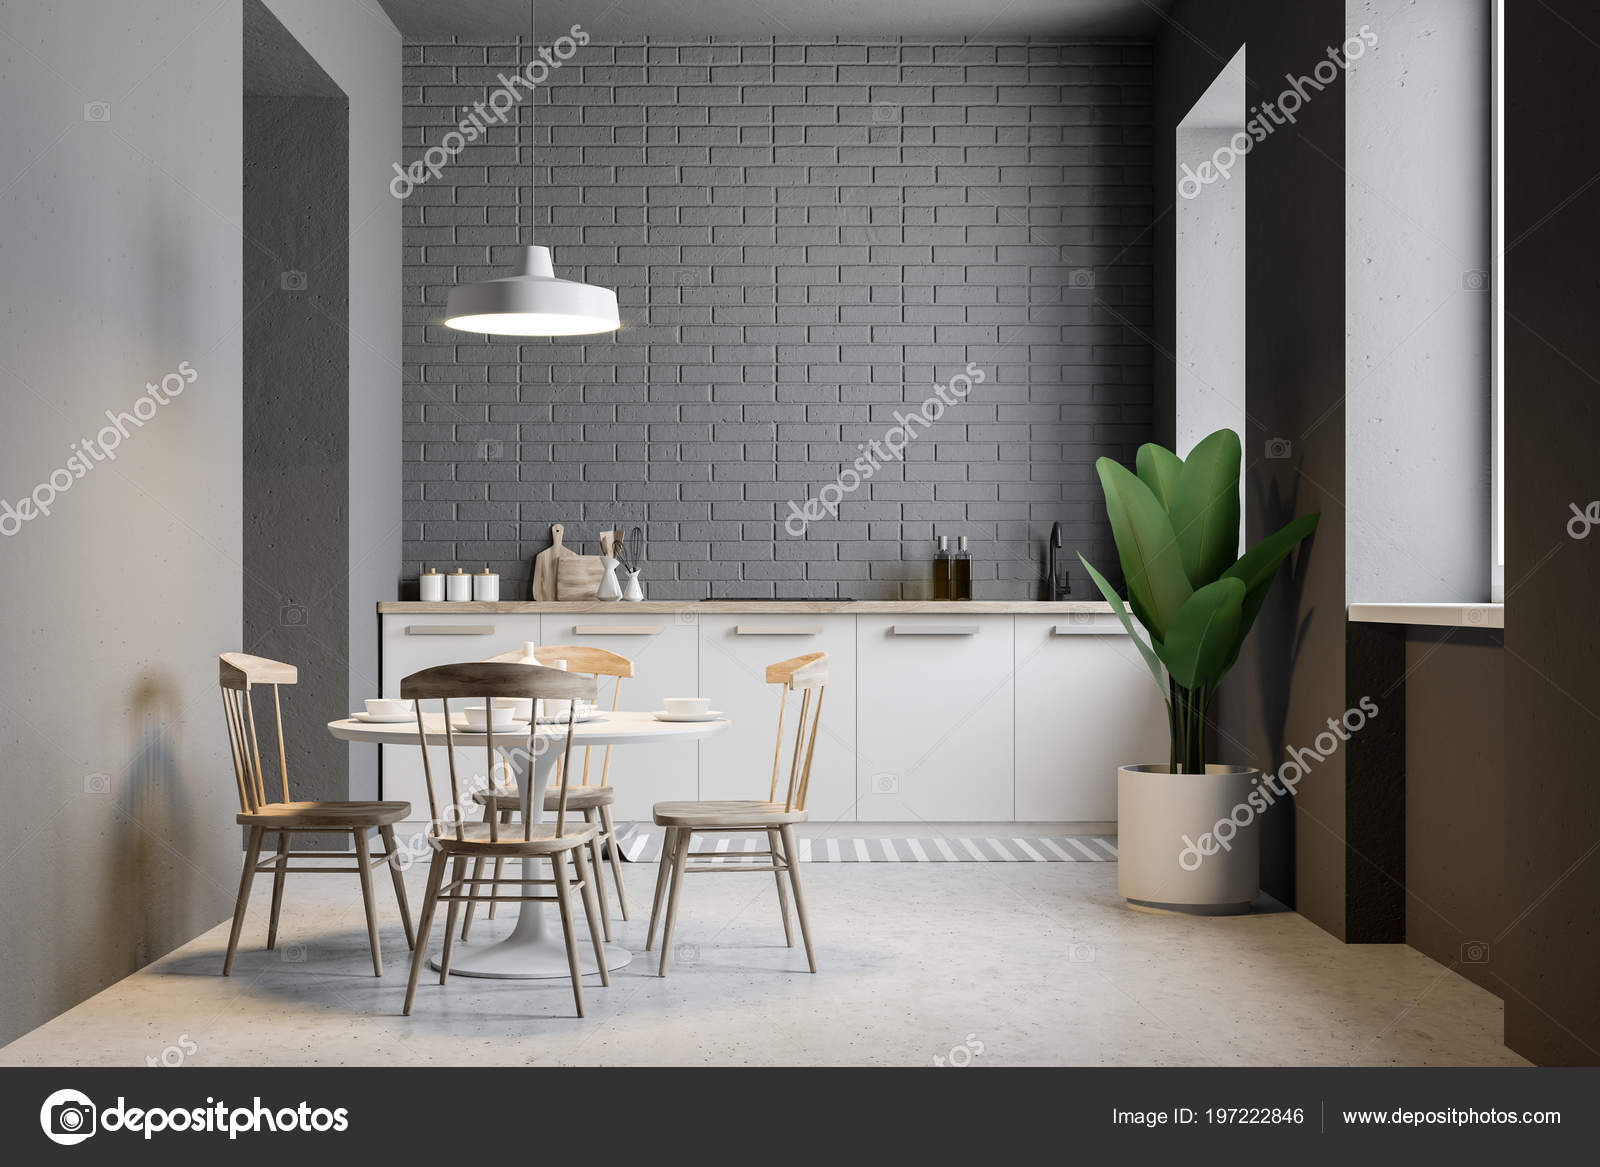 Kleine Graue Gemauerte Kuche Und Esszimmer Interieur Mit Einem